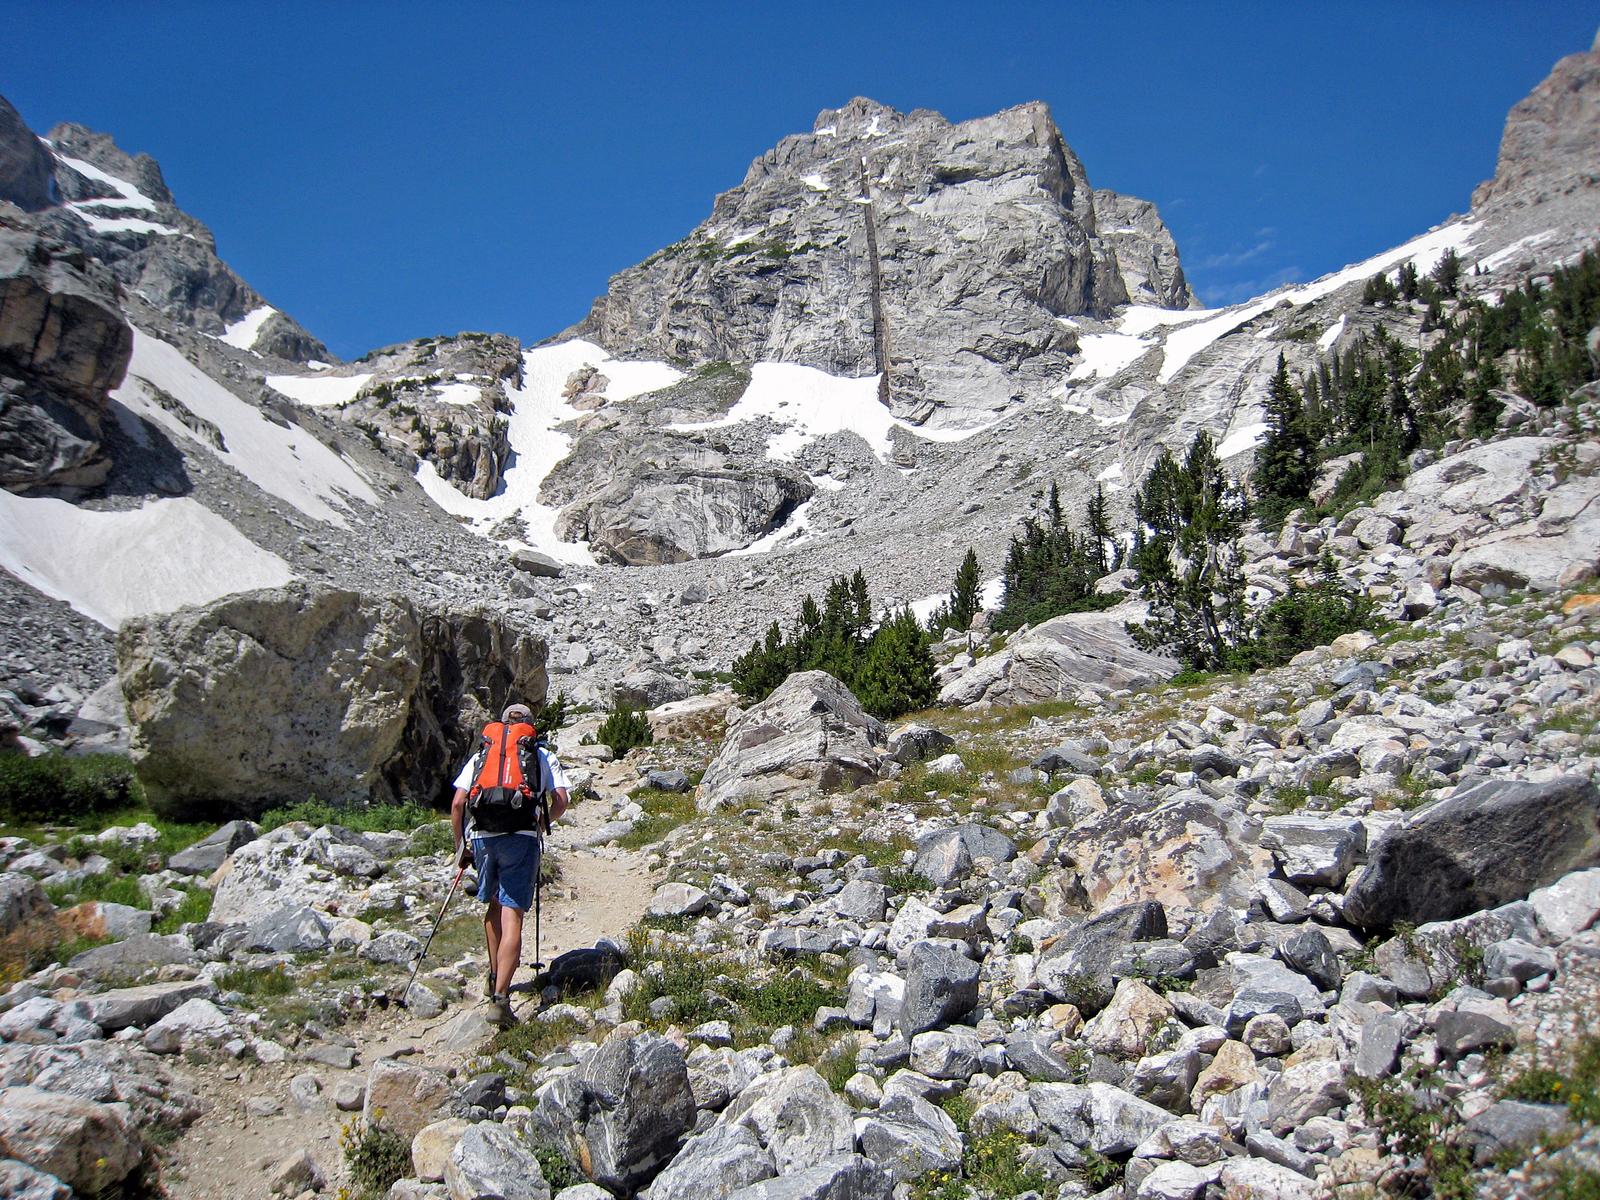 en route to climb the Grand Teton, Grand Teton National Park, Wyoming (Middle Teton in background)